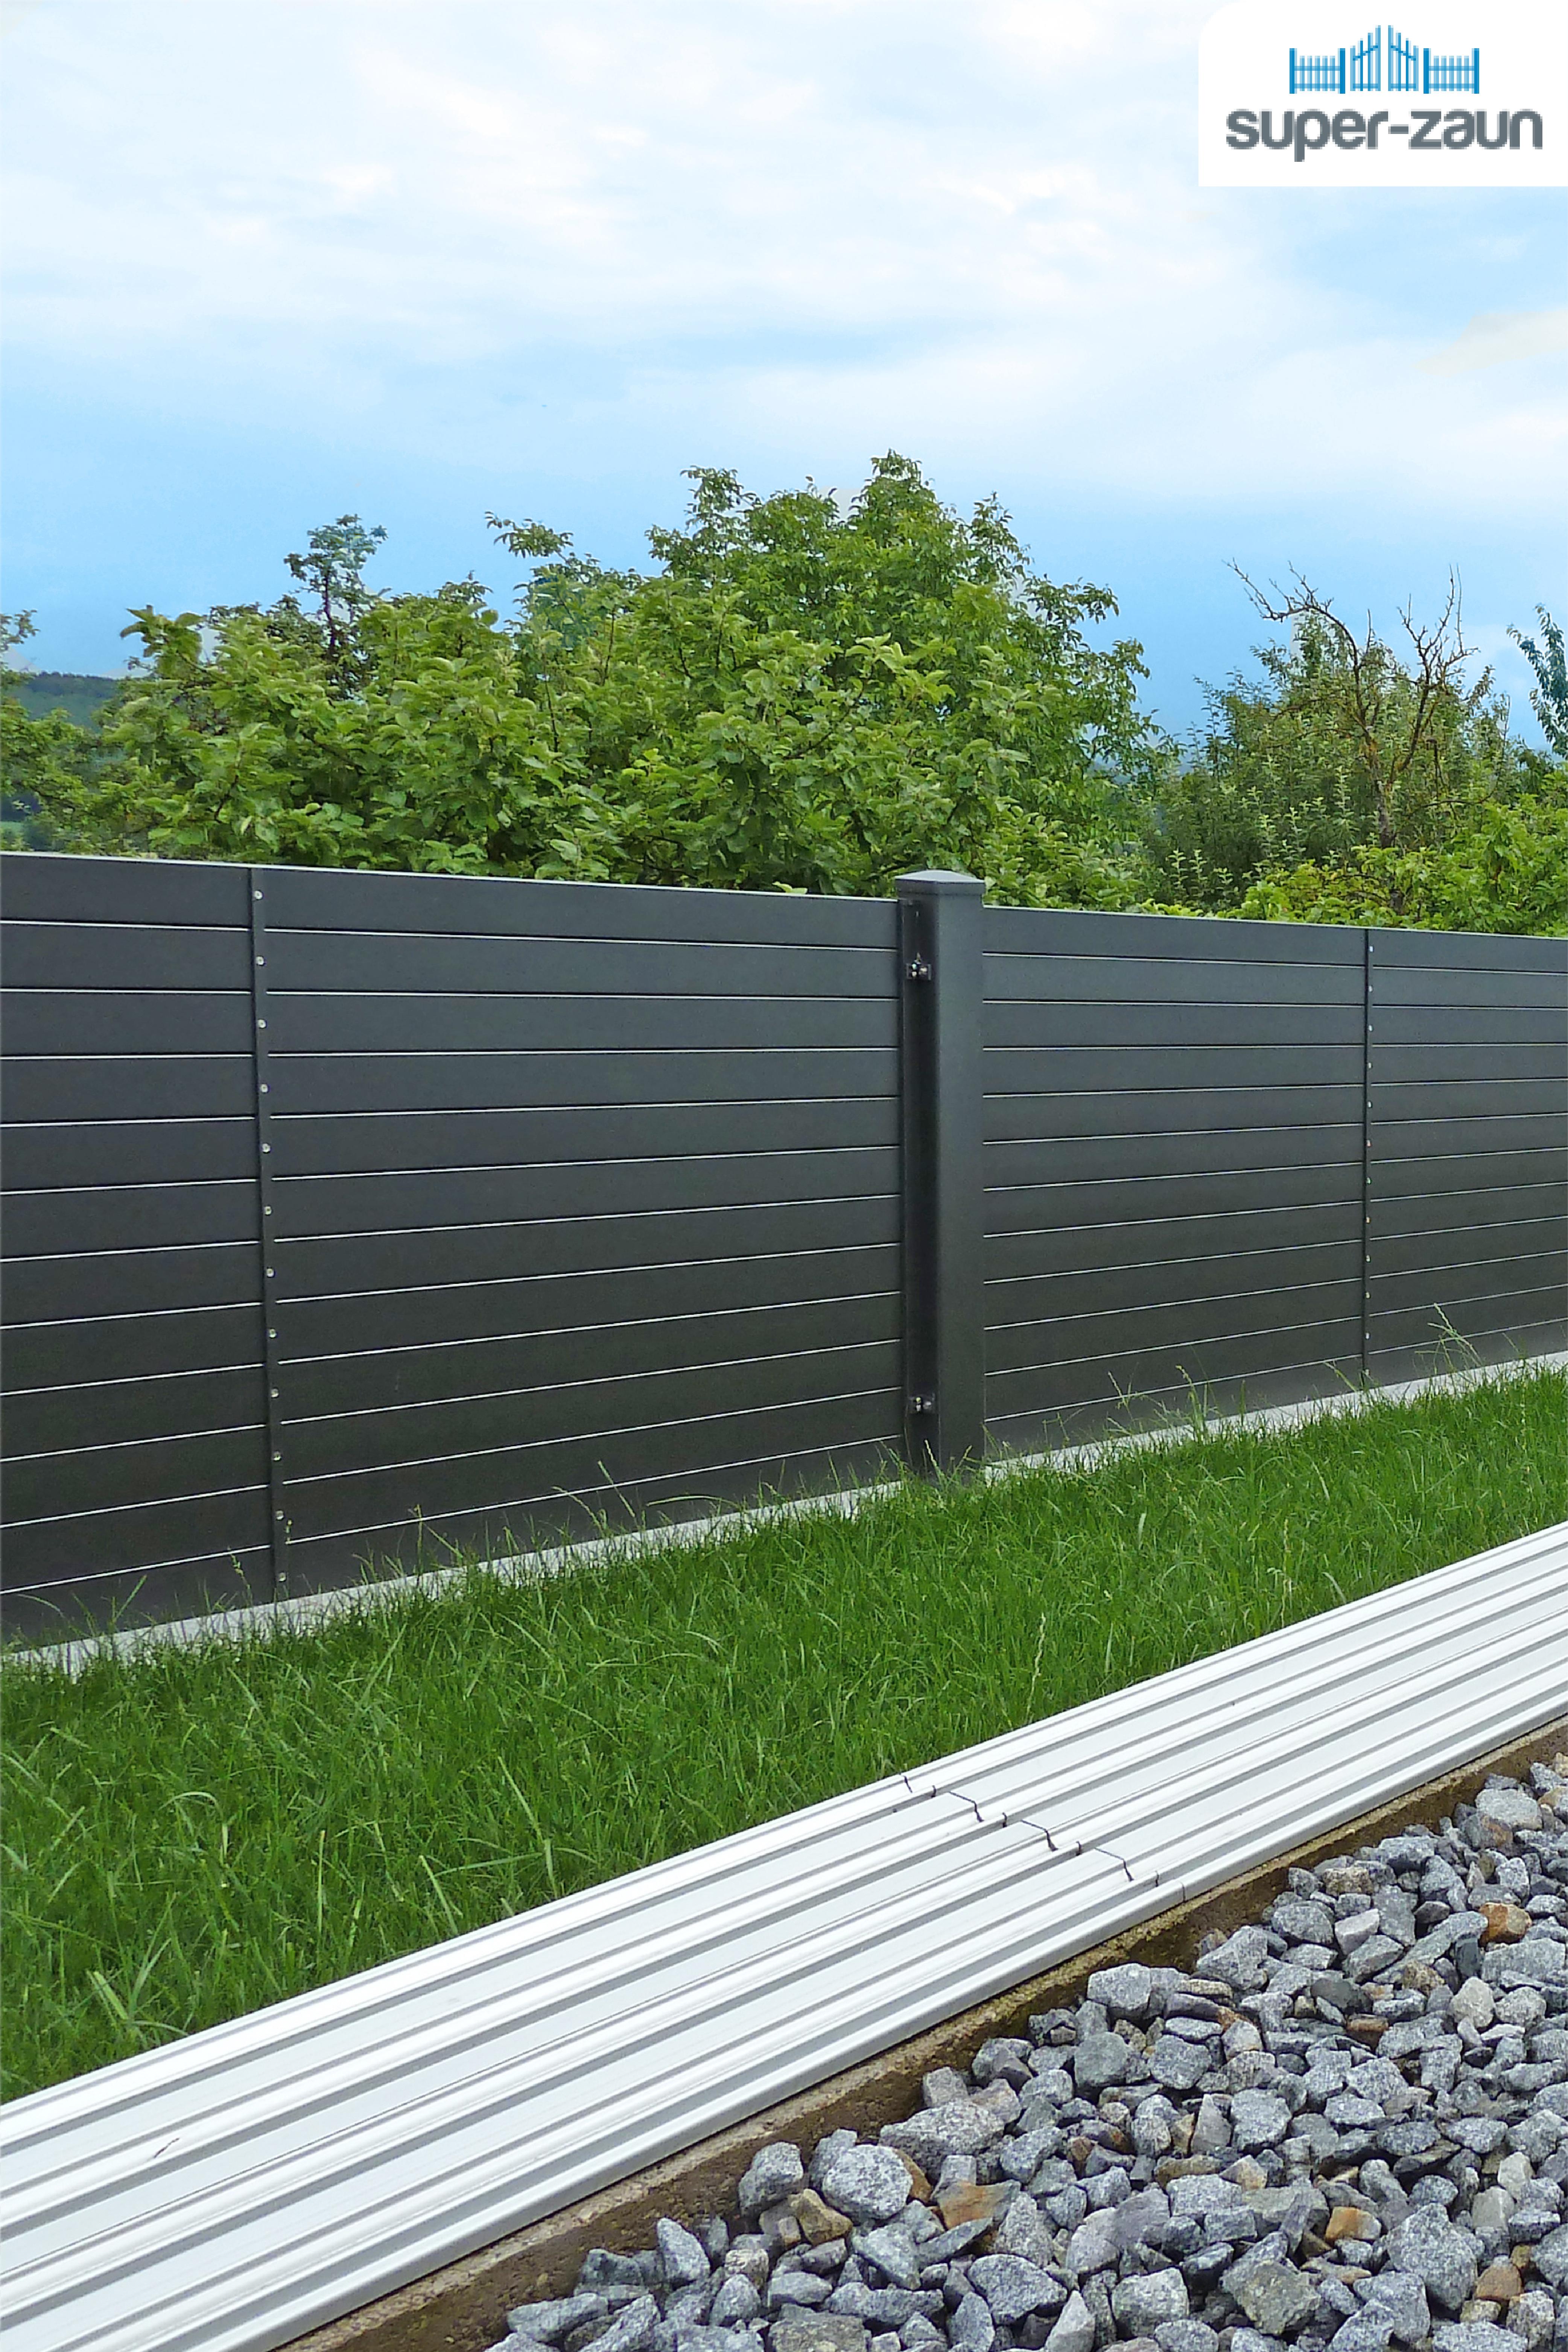 Unser Modell Tesla Ein Super Zaun Der Auch Als Aluminiumsichtschutz Fungiert Superza Hinterhof Terrassen Designs Sichtschutzwand Garten Garten Zaun Ideen